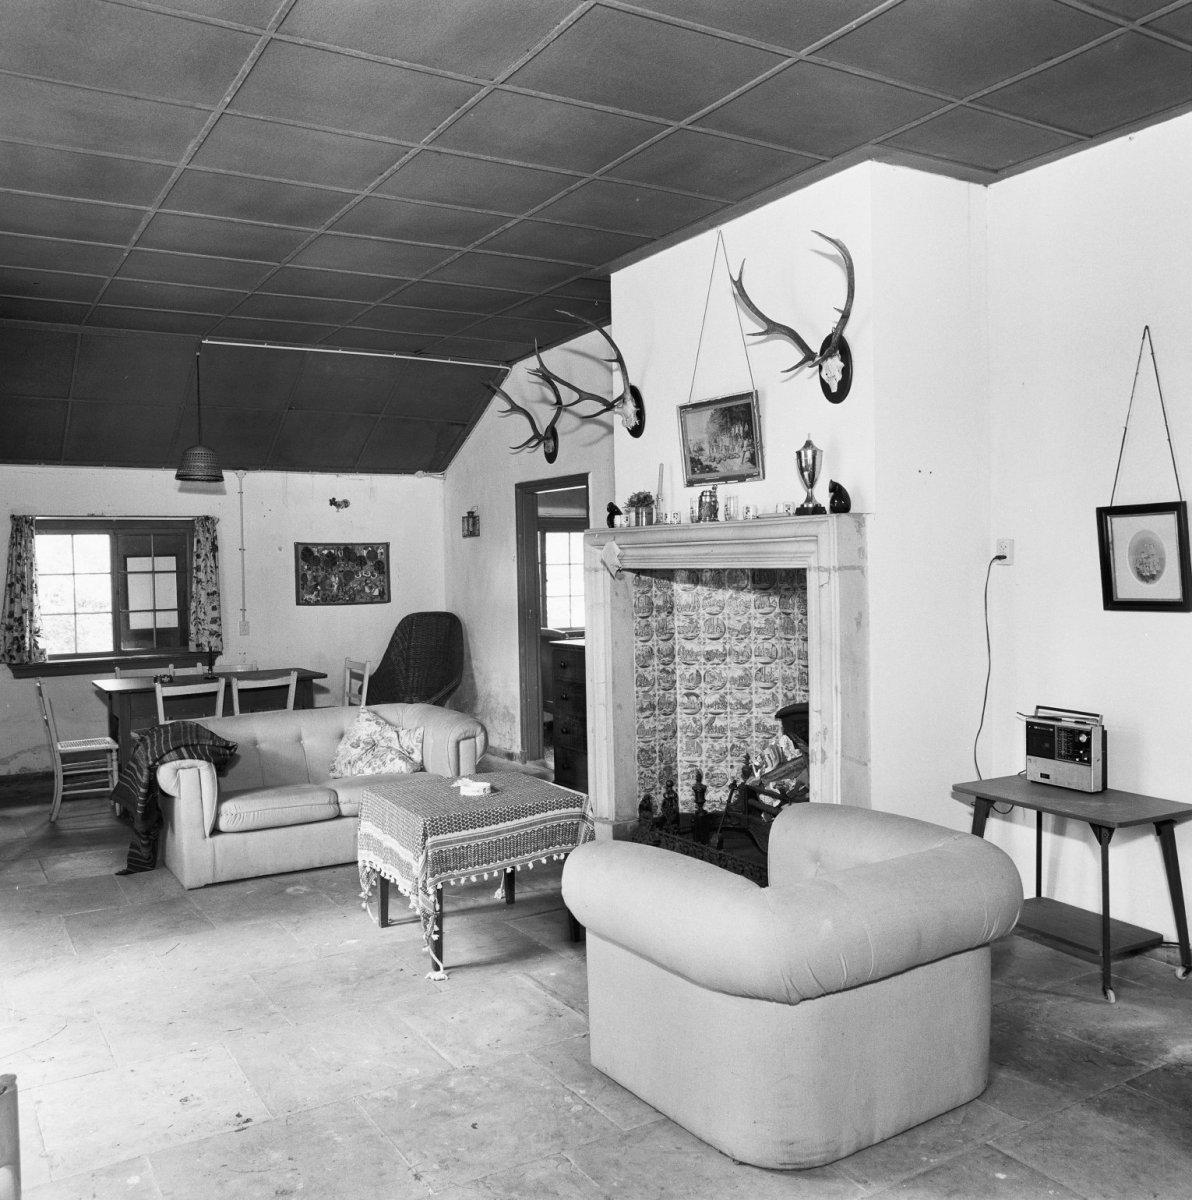 File interieur engelse huis overzicht ambt delden for Interieur huis